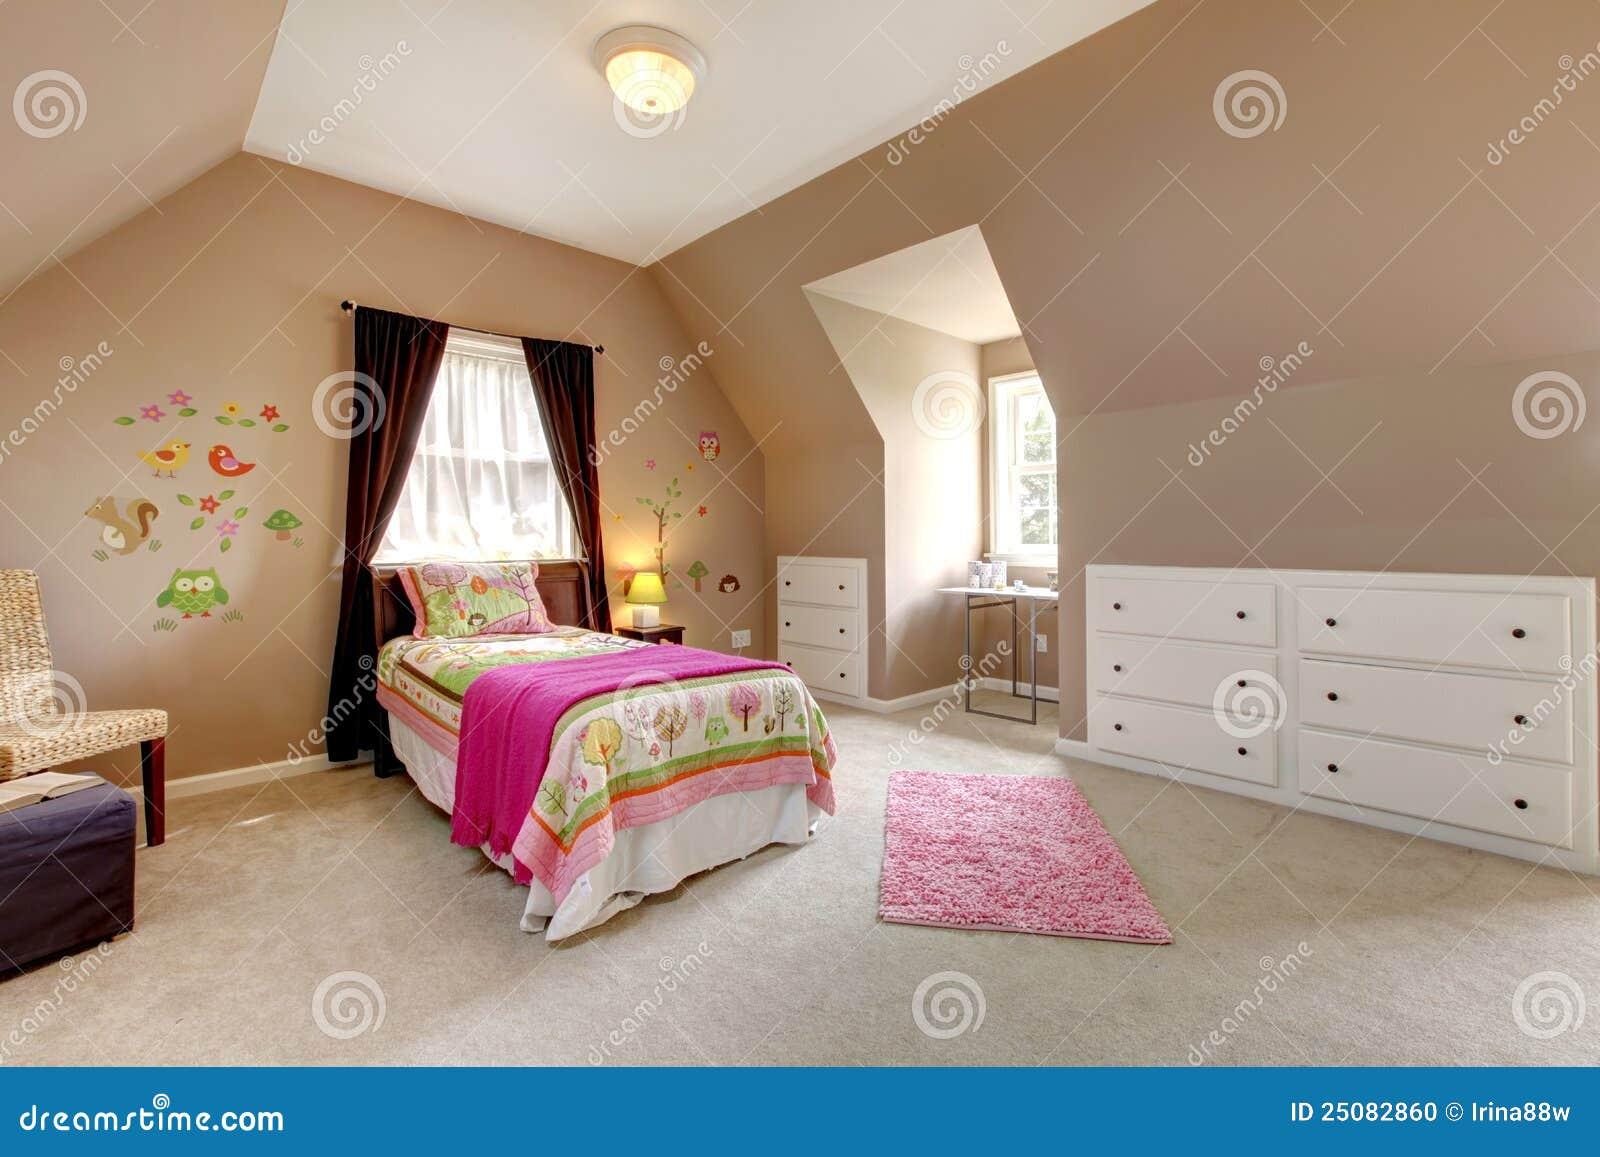 Grande chambre coucher brune de b b avec le b ti rose photo stock image 25082860 for Grande chambre fille